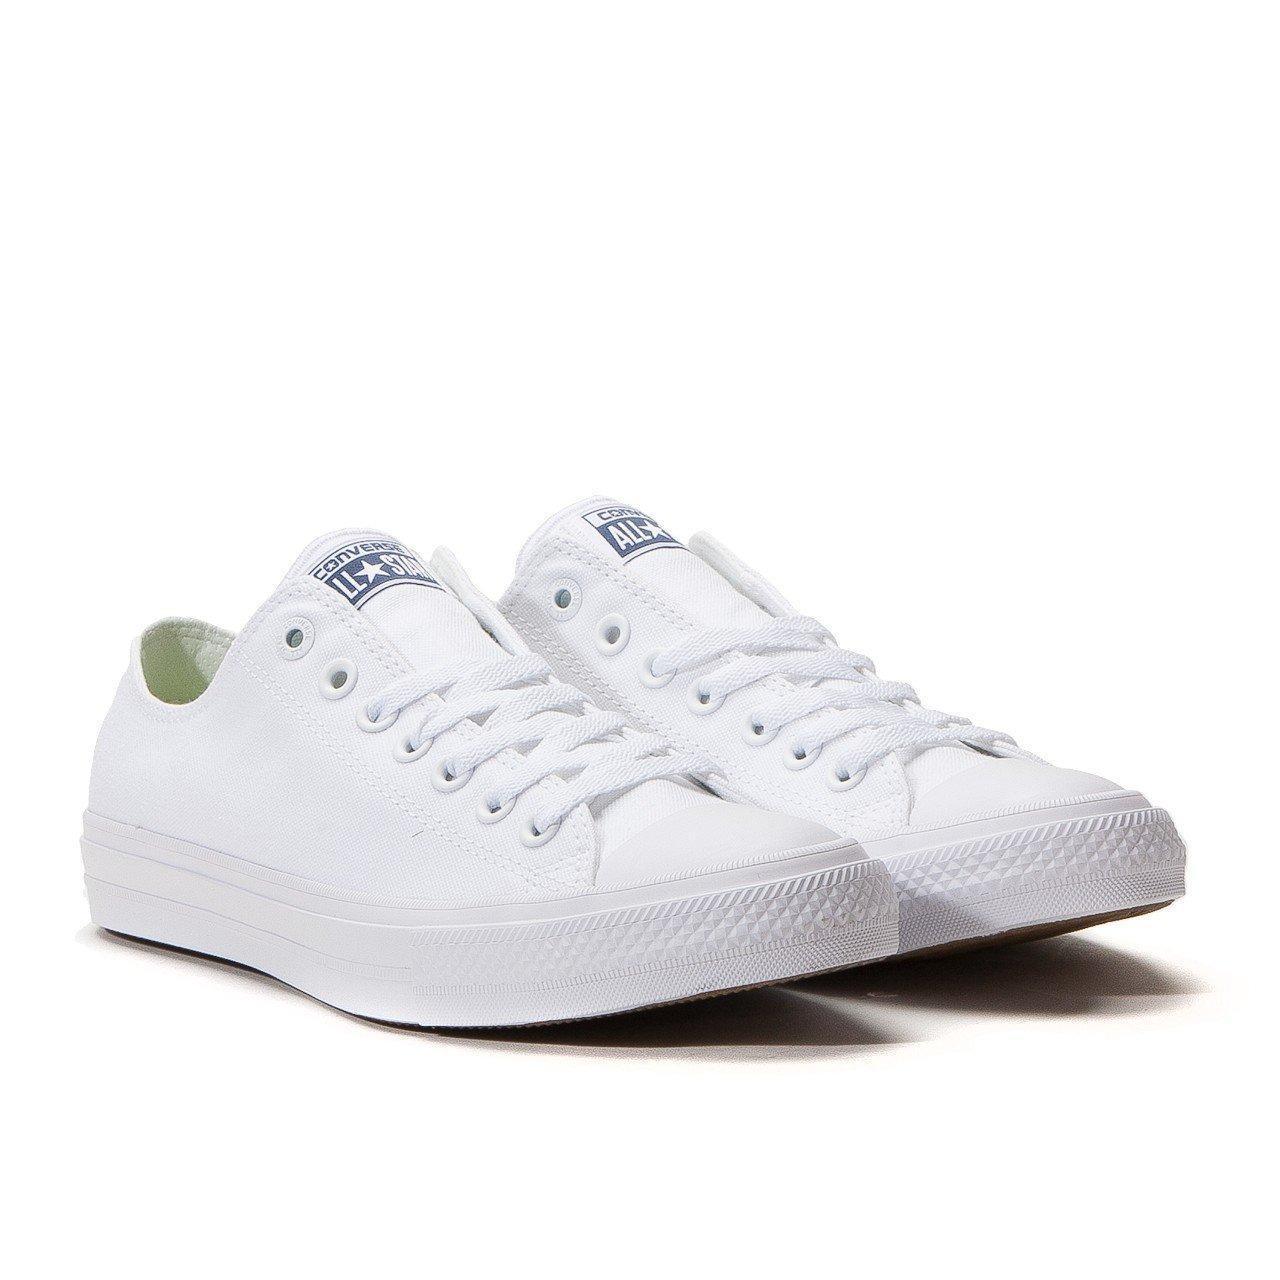 Kết quả hình ảnh cho giày converse